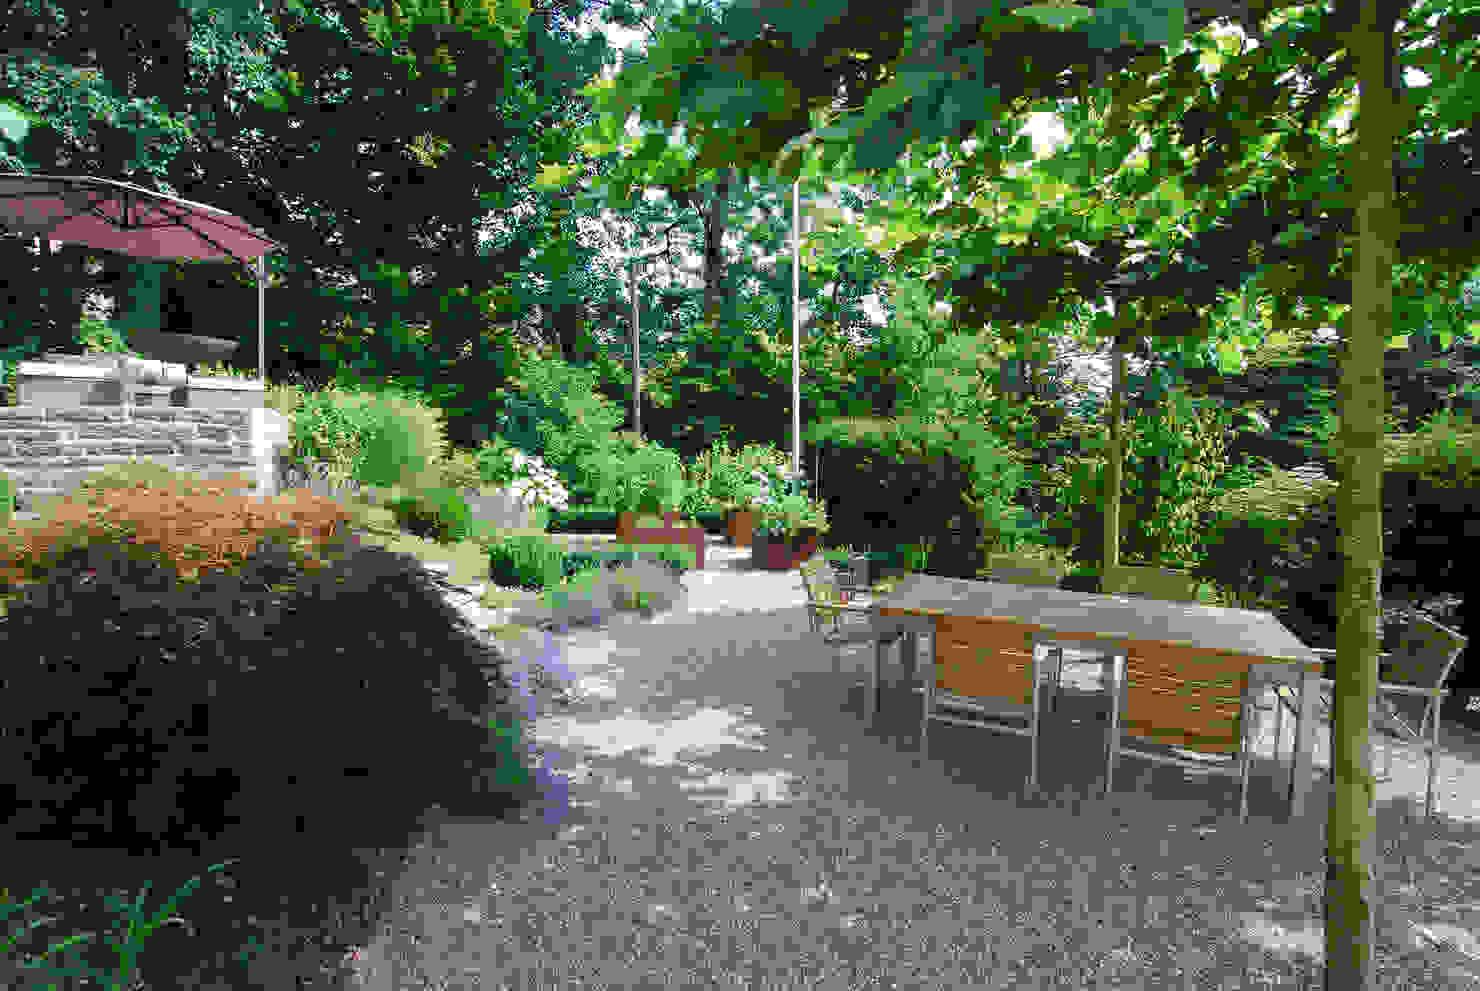 Traumhaft schöner Garten mit Geschichte in Erlenbach